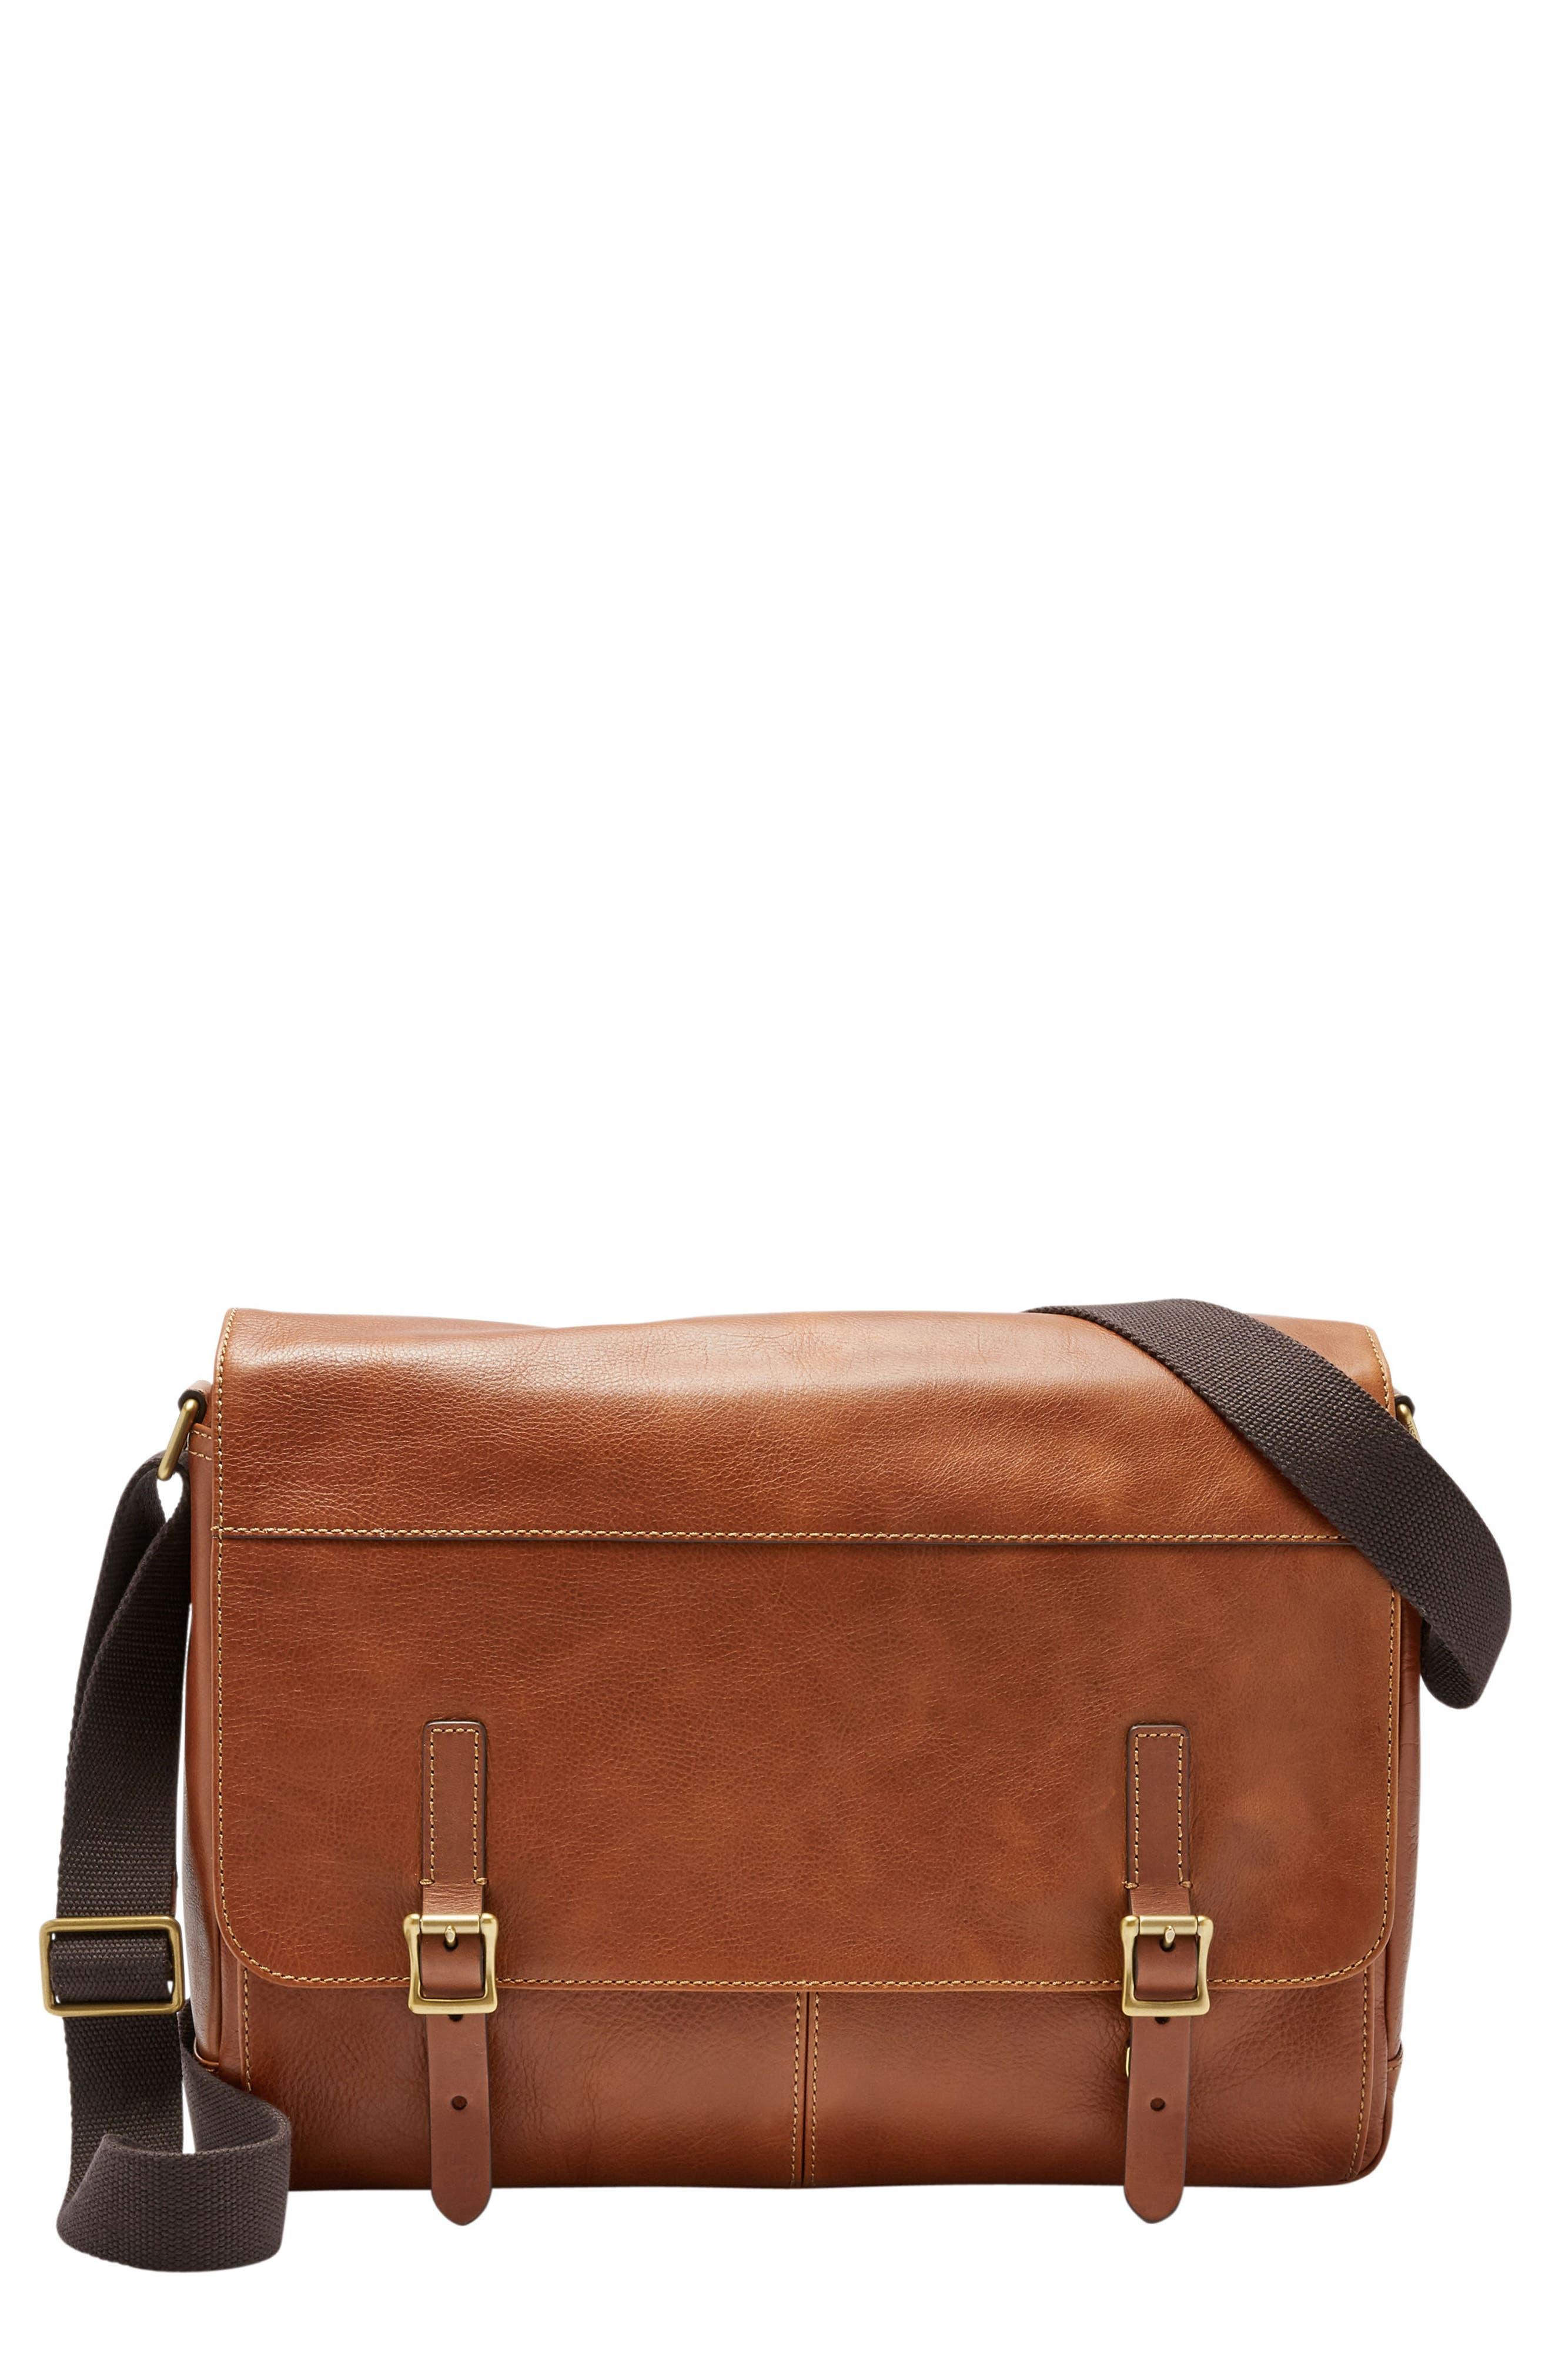 'Defender' Leather Messenger Bag,                         Main,                         color, 202